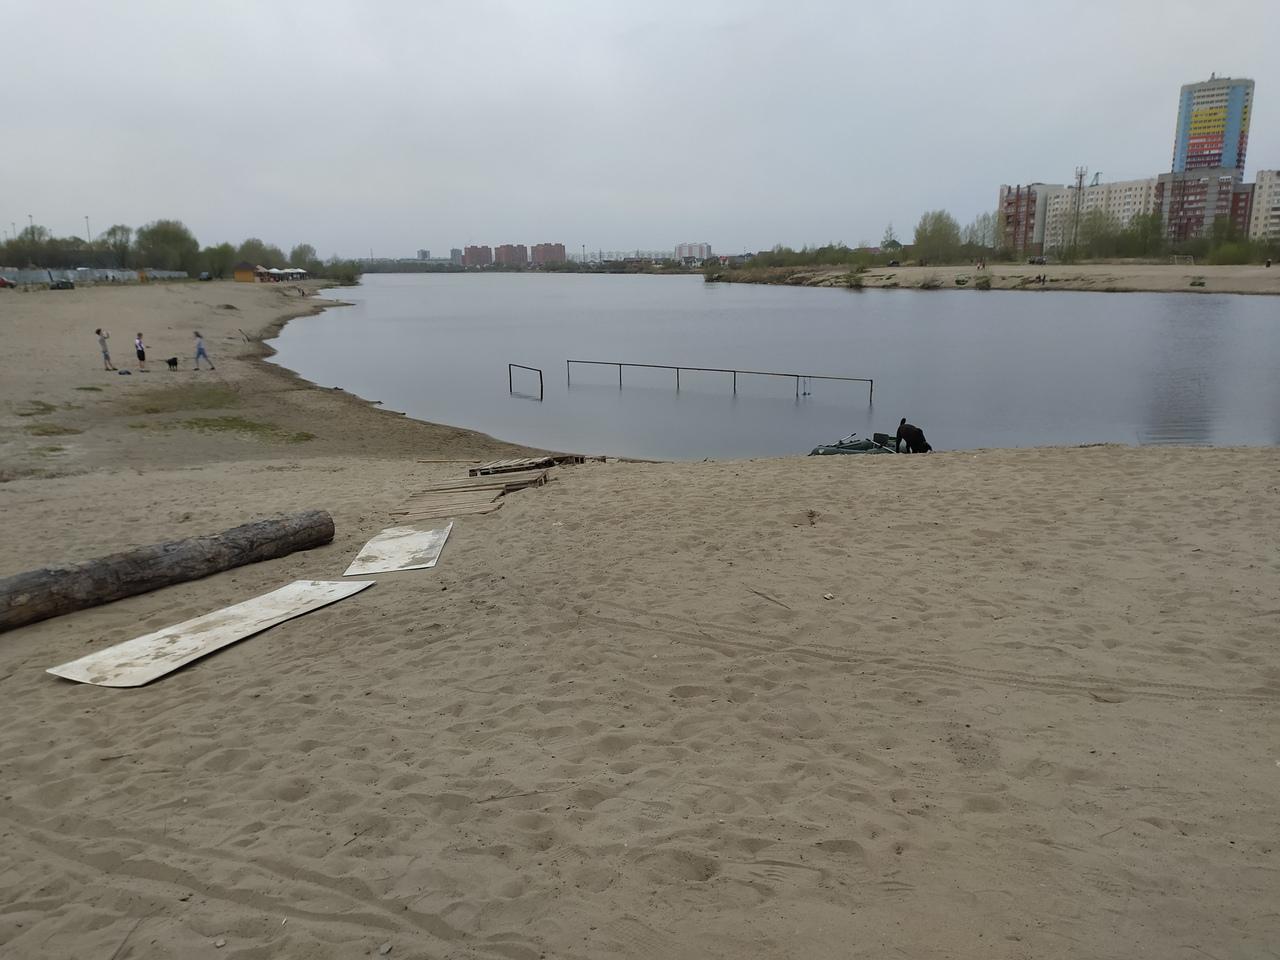 У озера гуляют только небольшая группа людей и одинокая собака